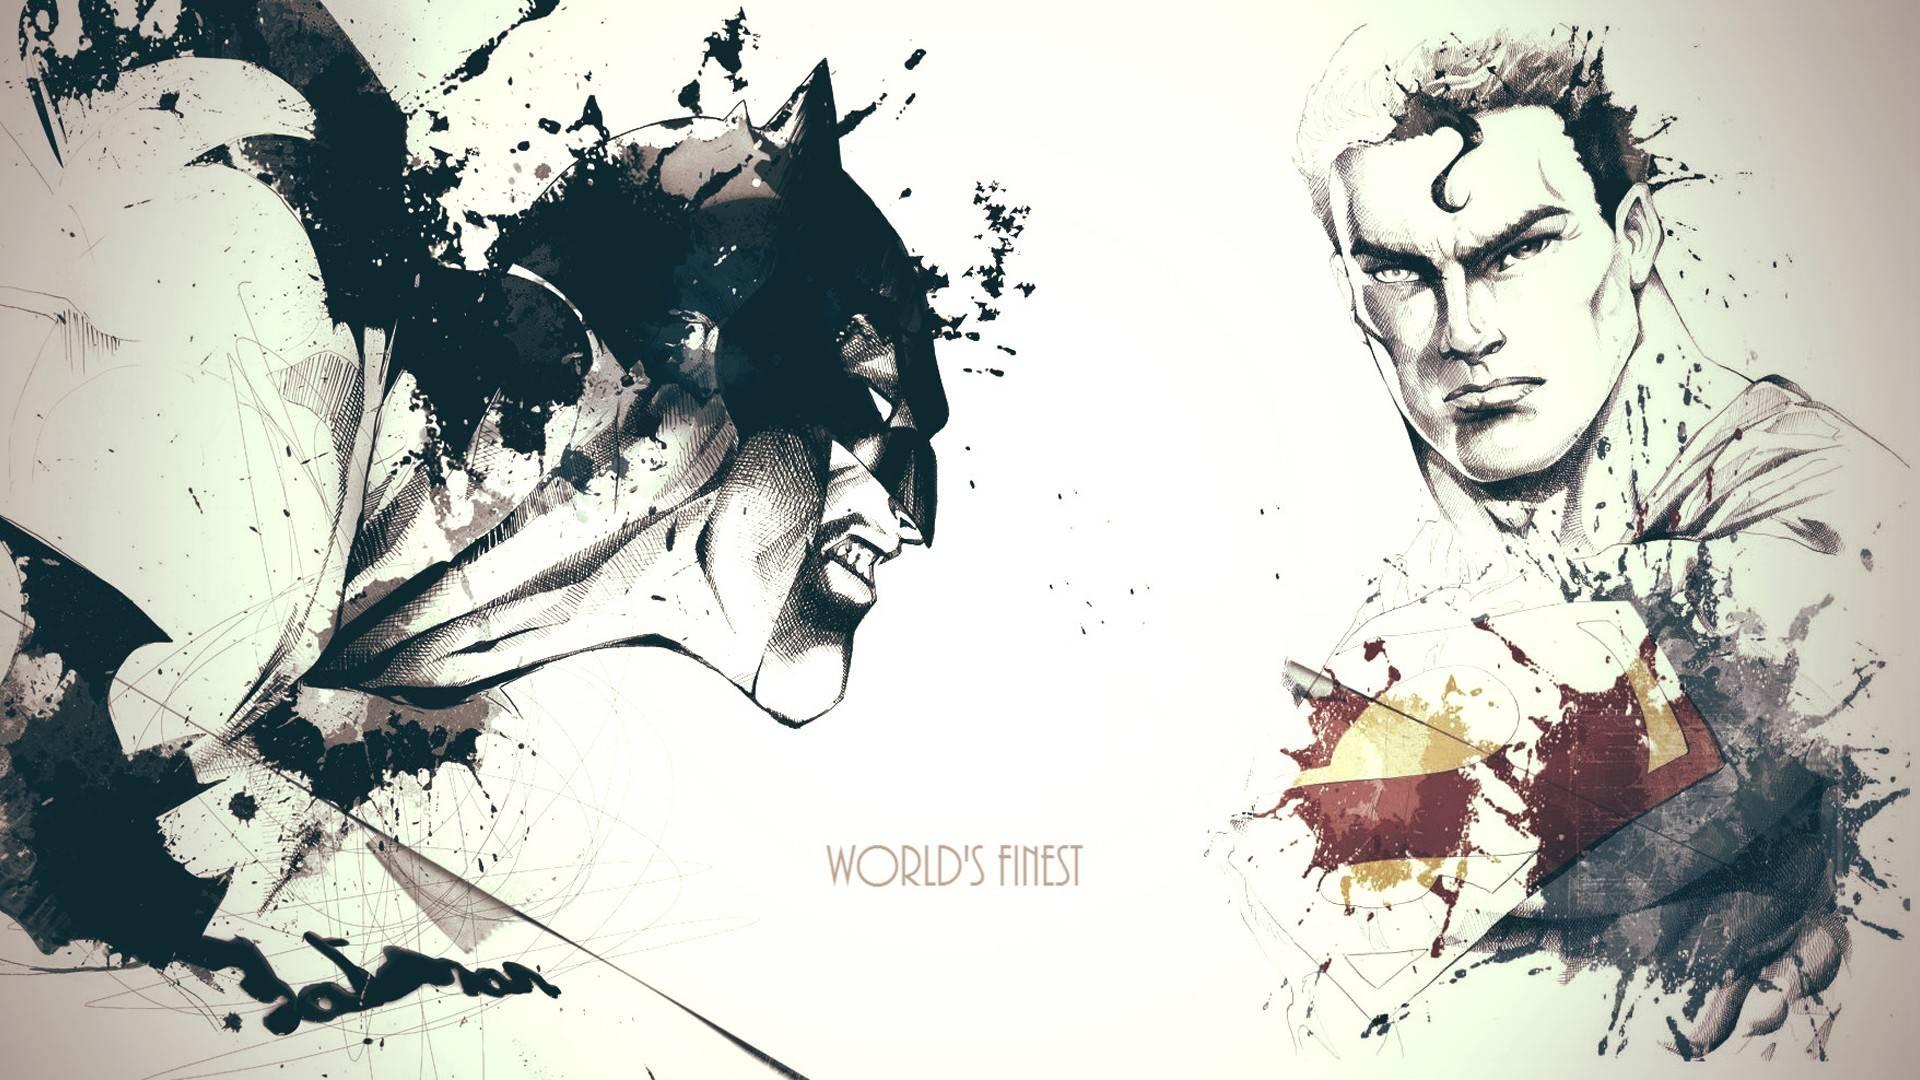 Superman Batman Movie Wallpaper Batman Vs Superman Wal...